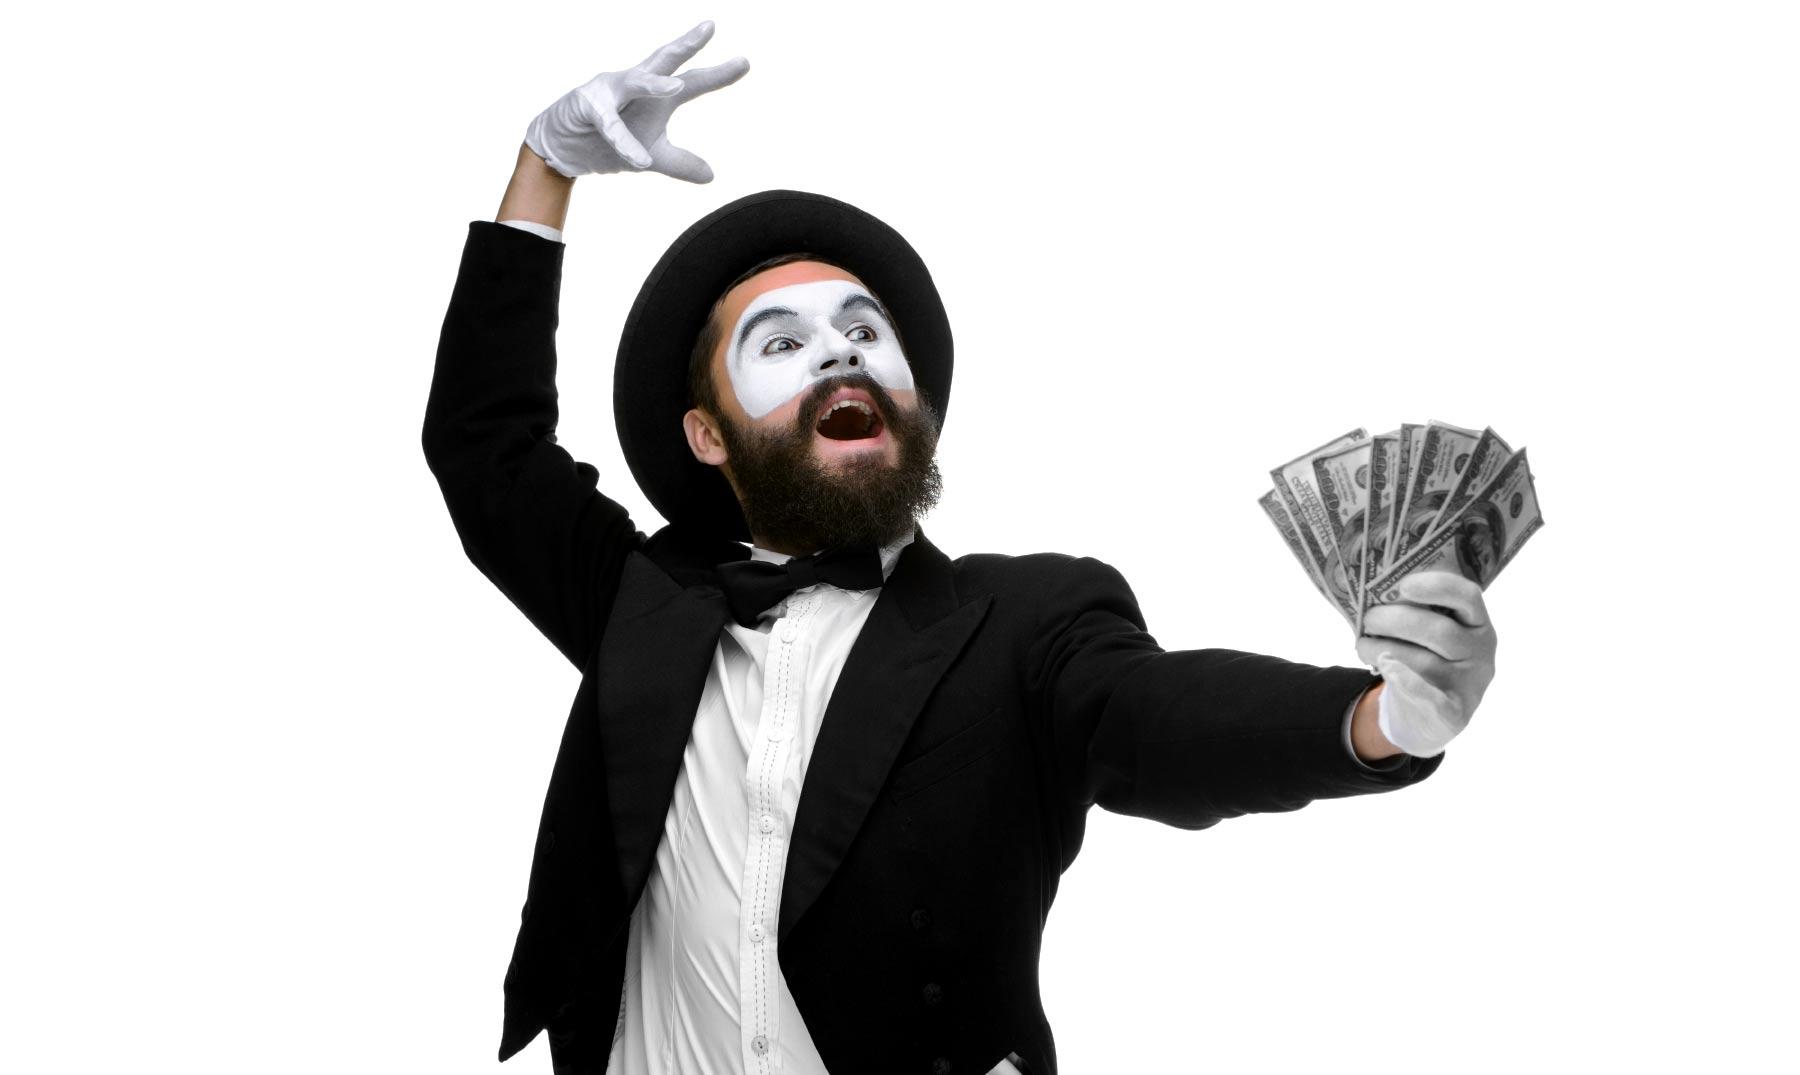 mimo-expresando-magia-ganar-dinero-sin-trabajar